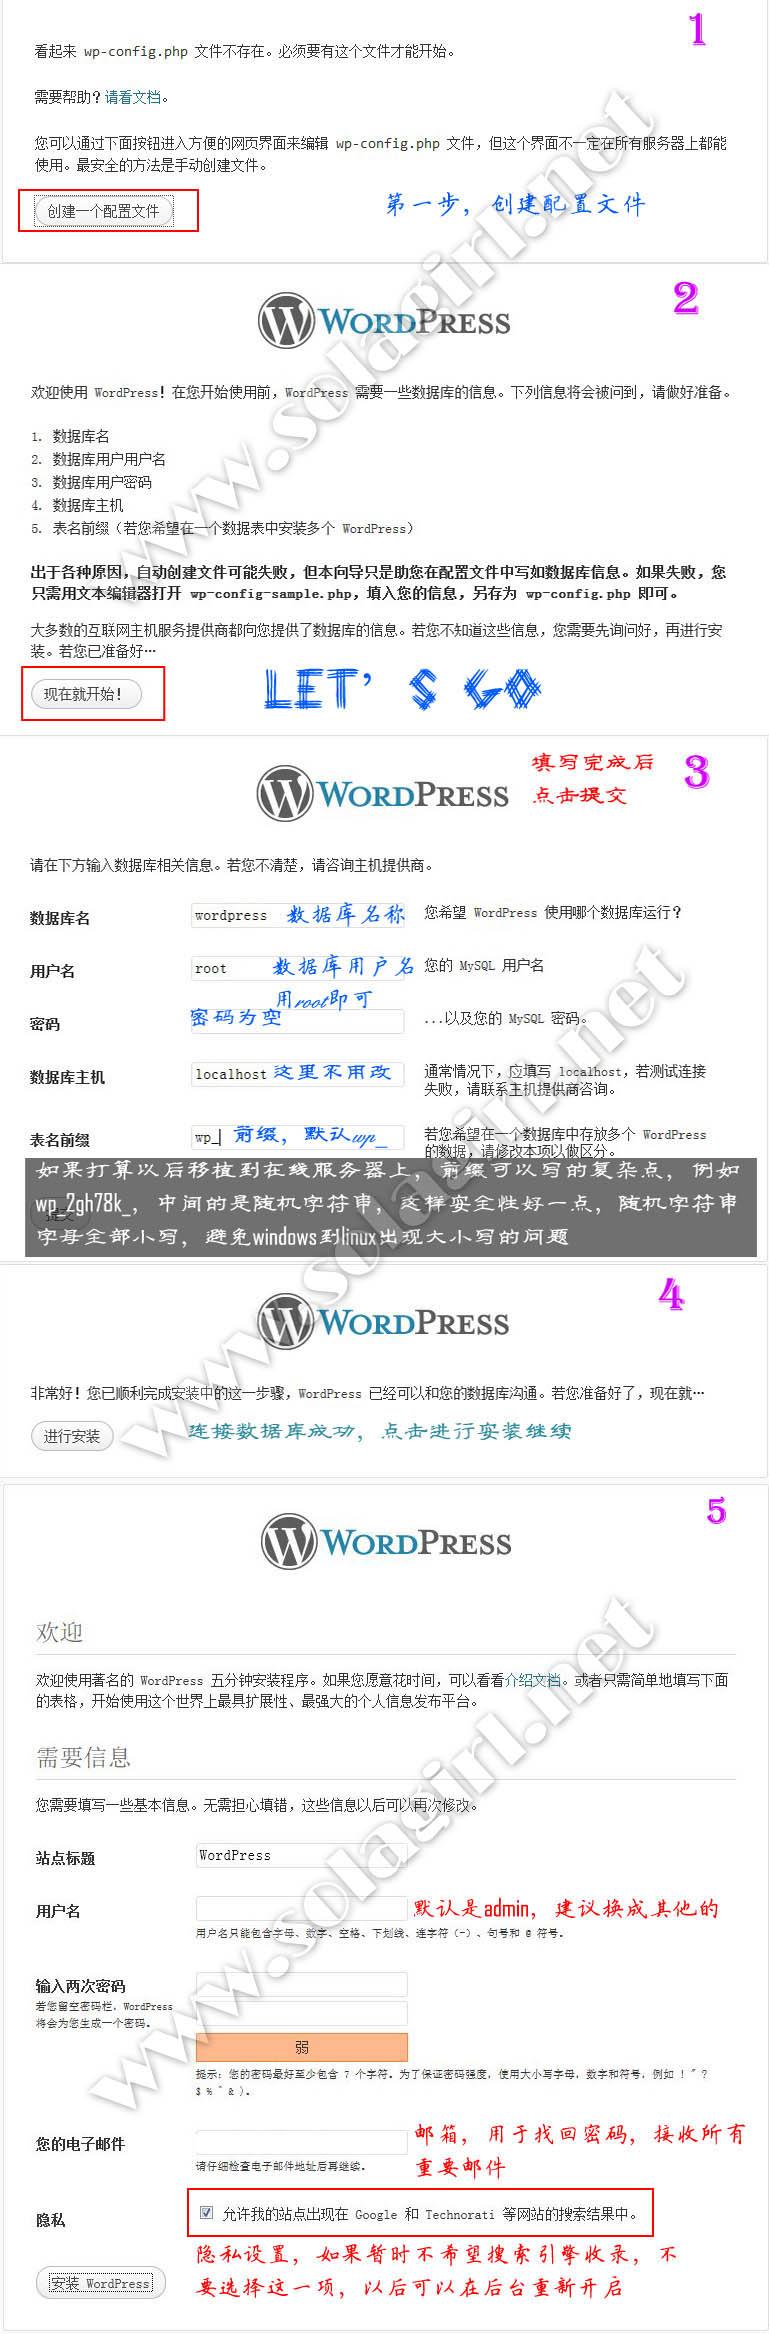 图示WordPress安装过程